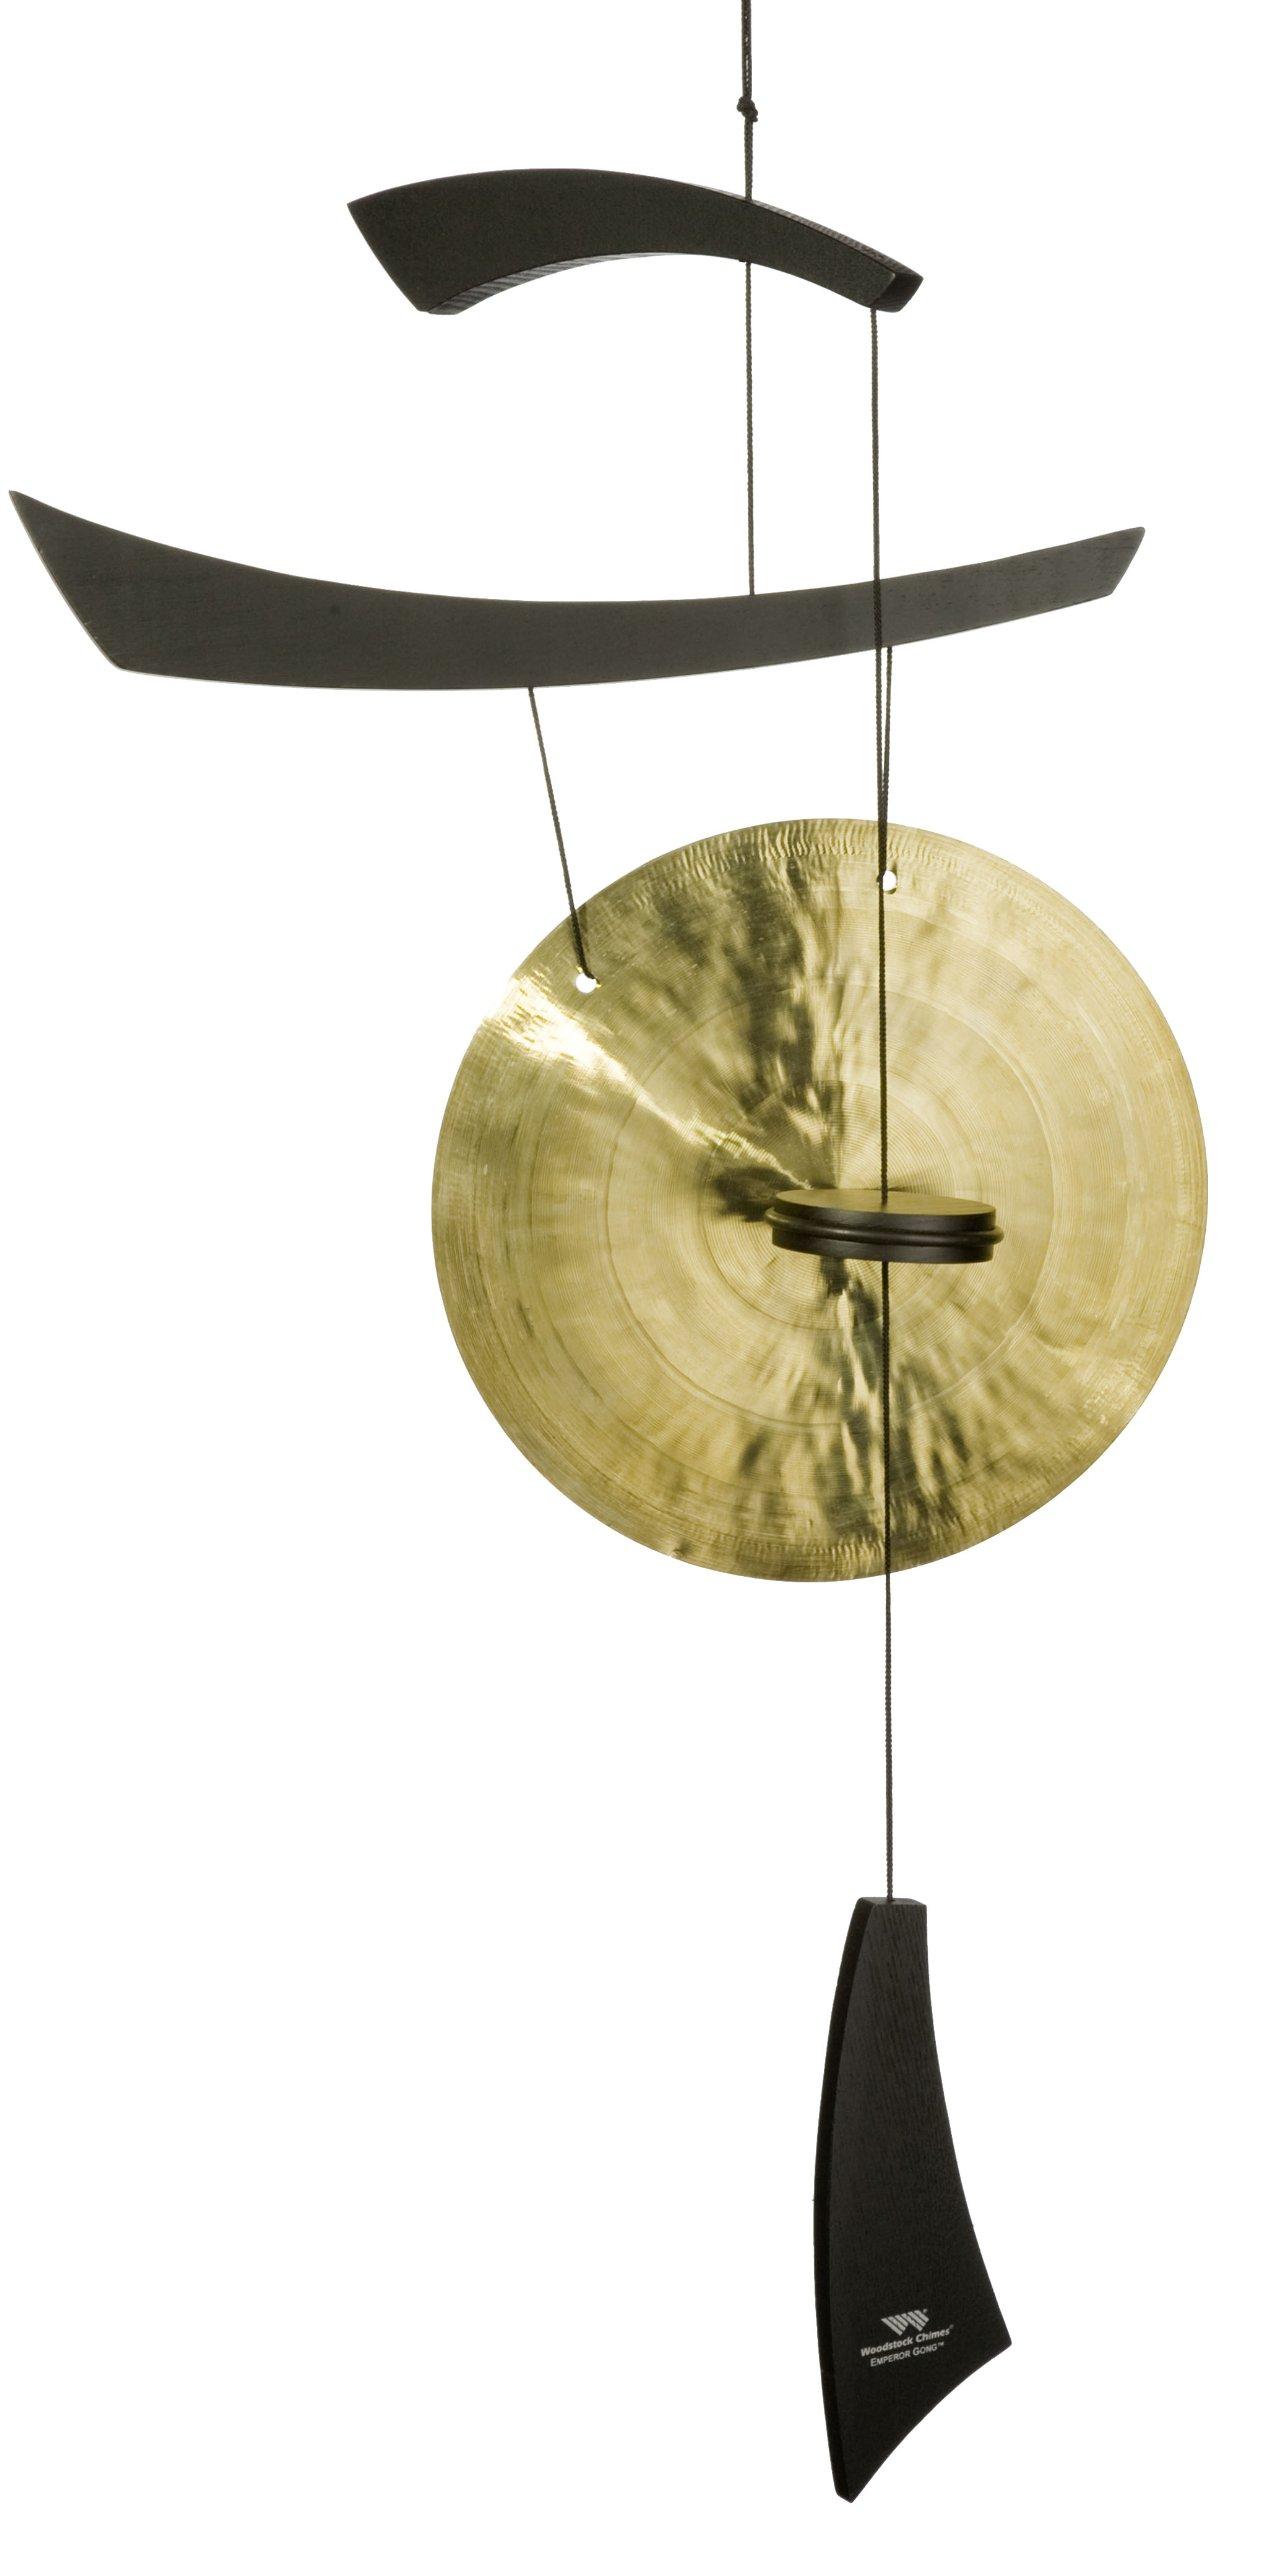 Woodstock Medium Emperor Gong, Black by Woodstock Chimes